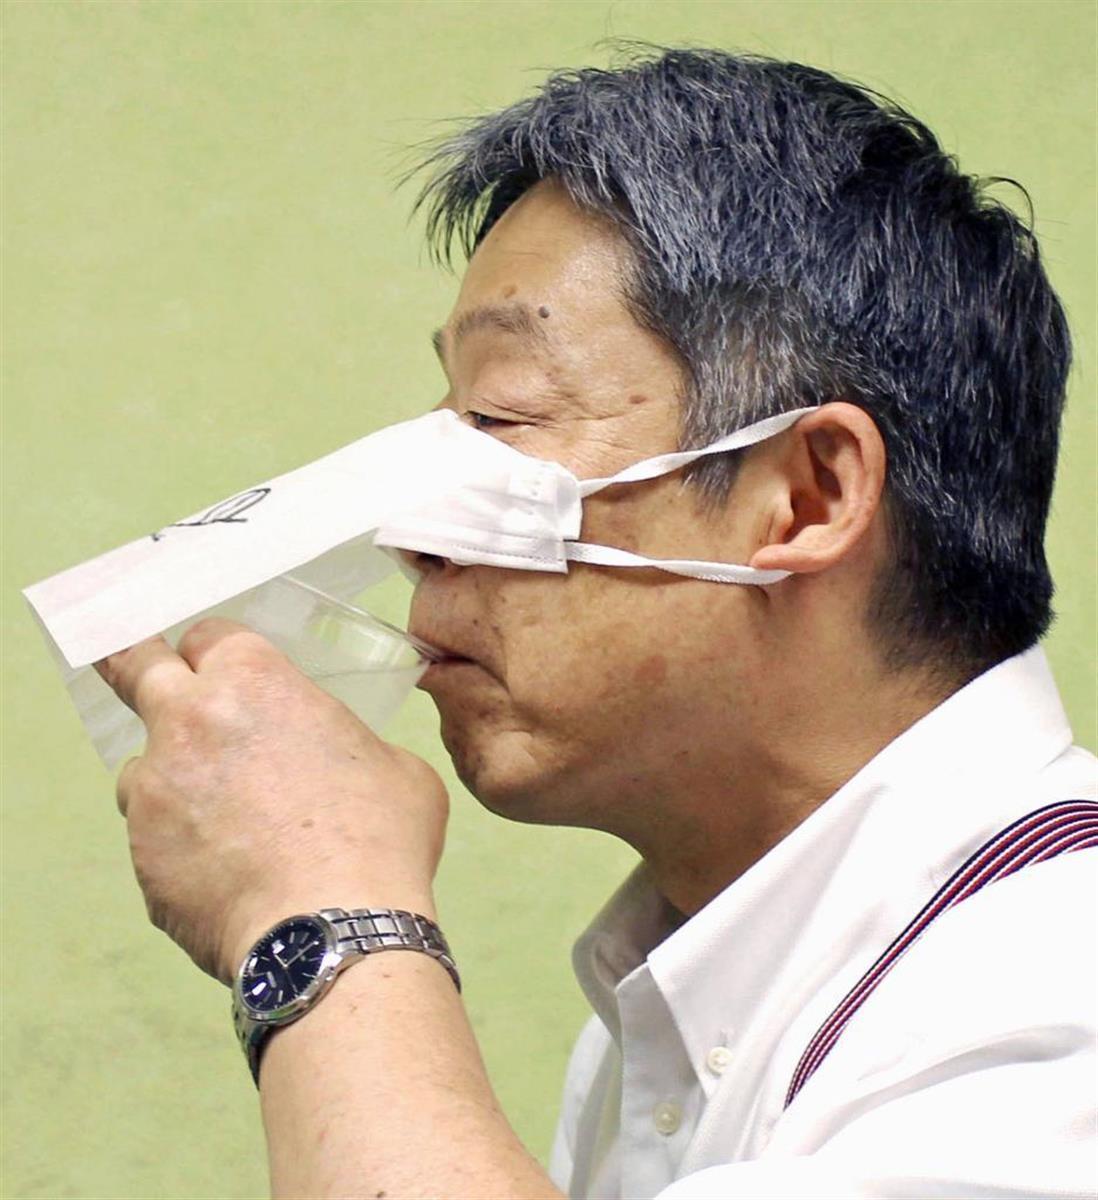 サイゼリヤが考案したマスクと紙ナプキンを利用した食事法(共同)